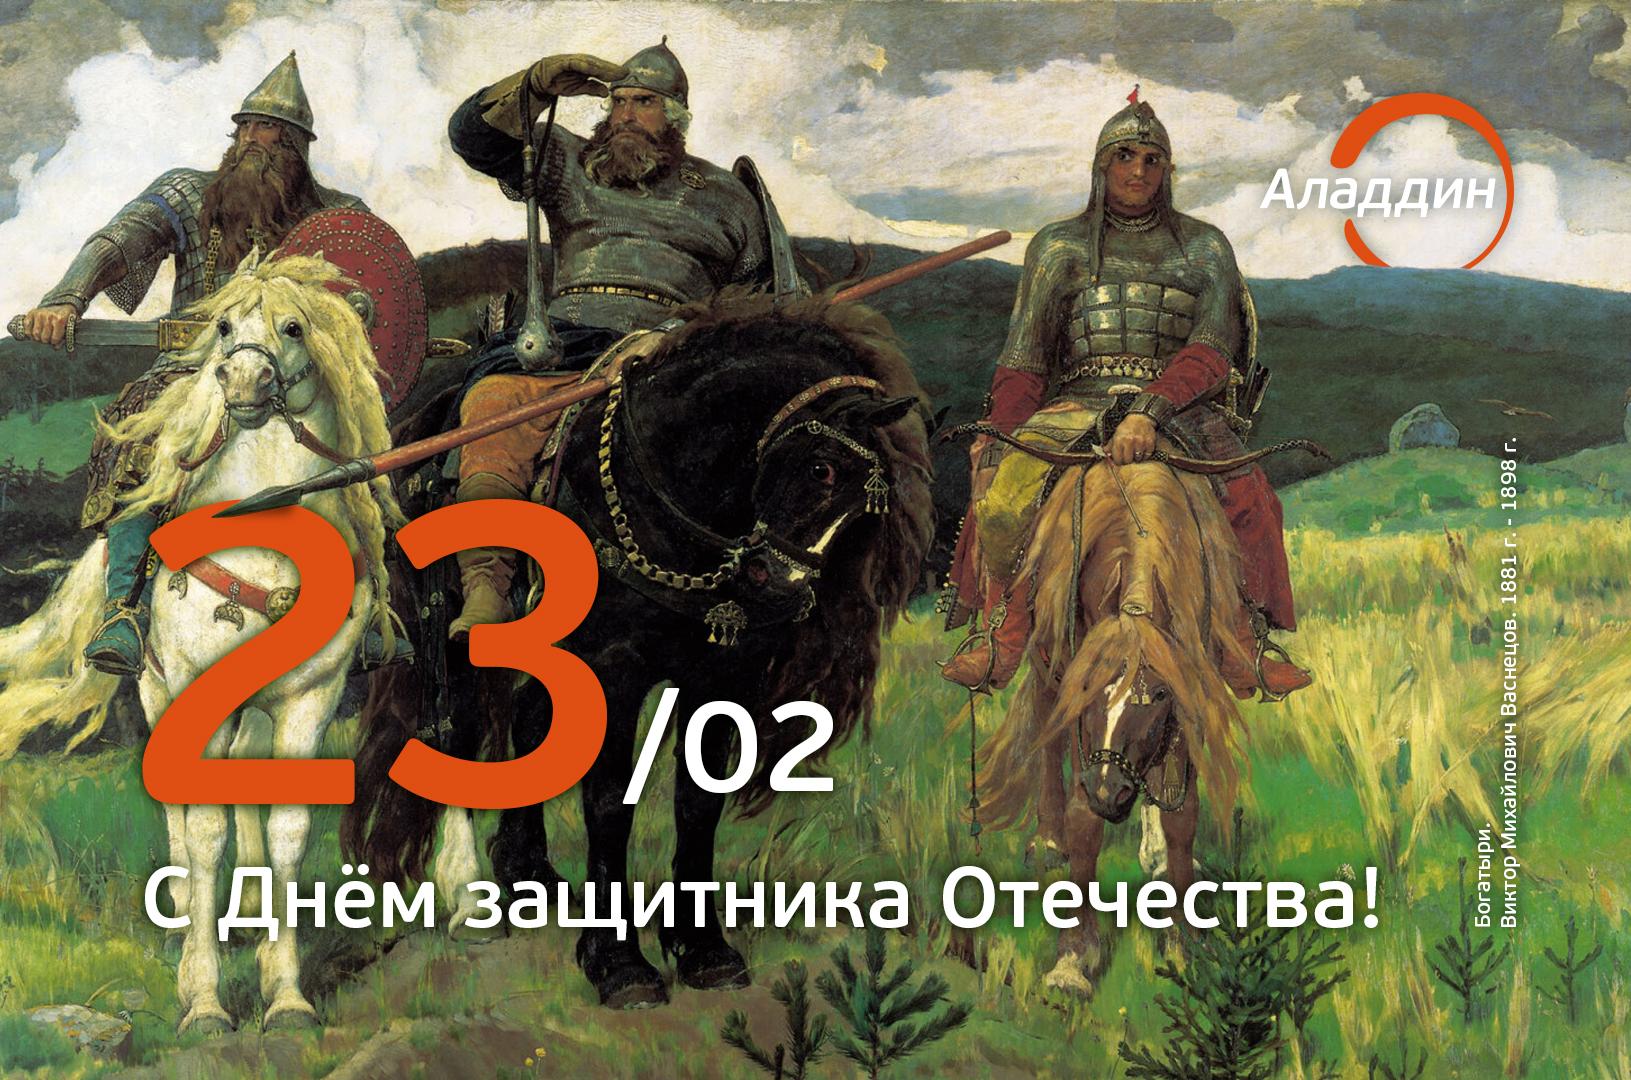 Аладдин поздравляет с Днём защитника отечества